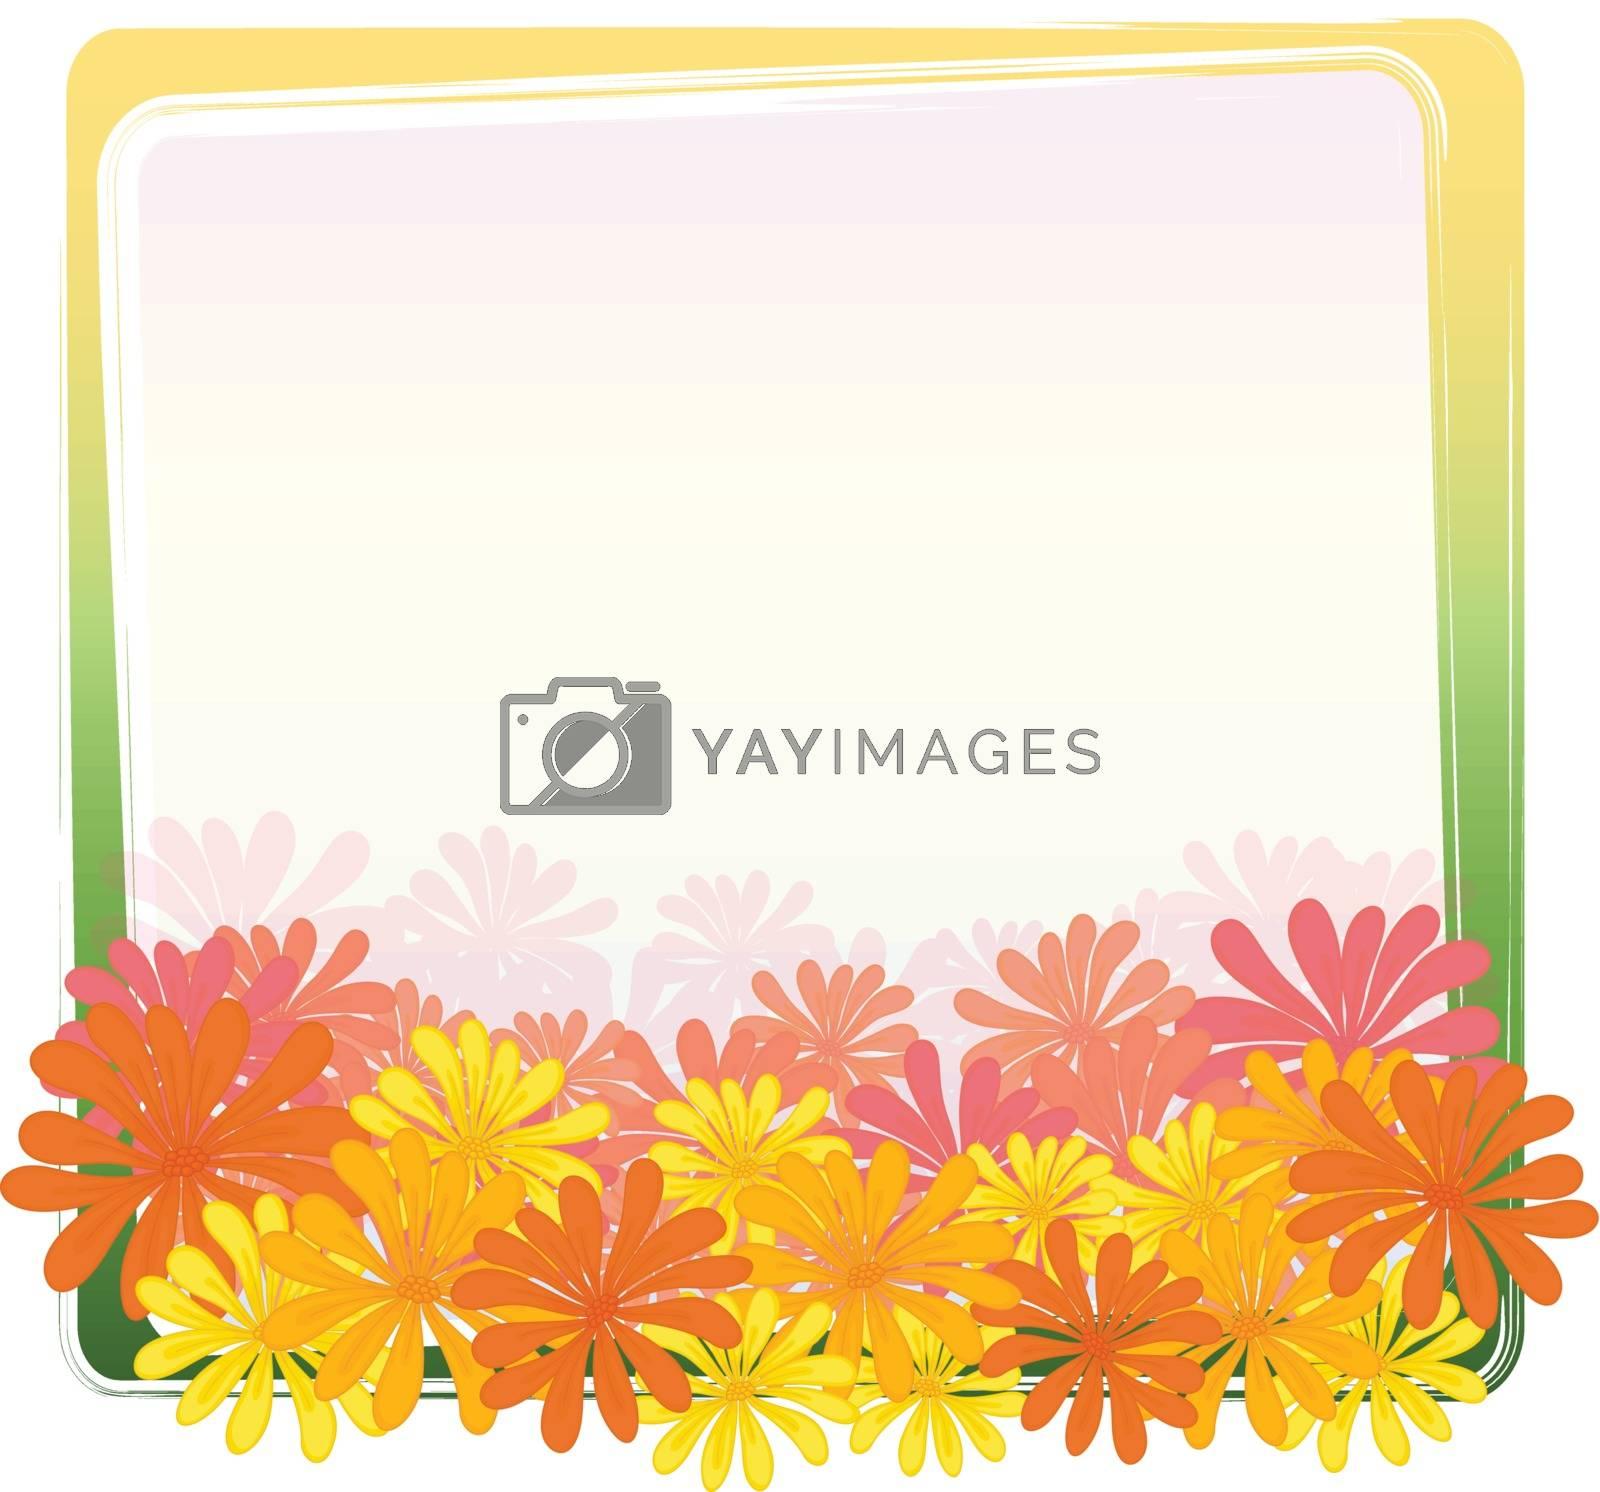 Illustration of a flower frame